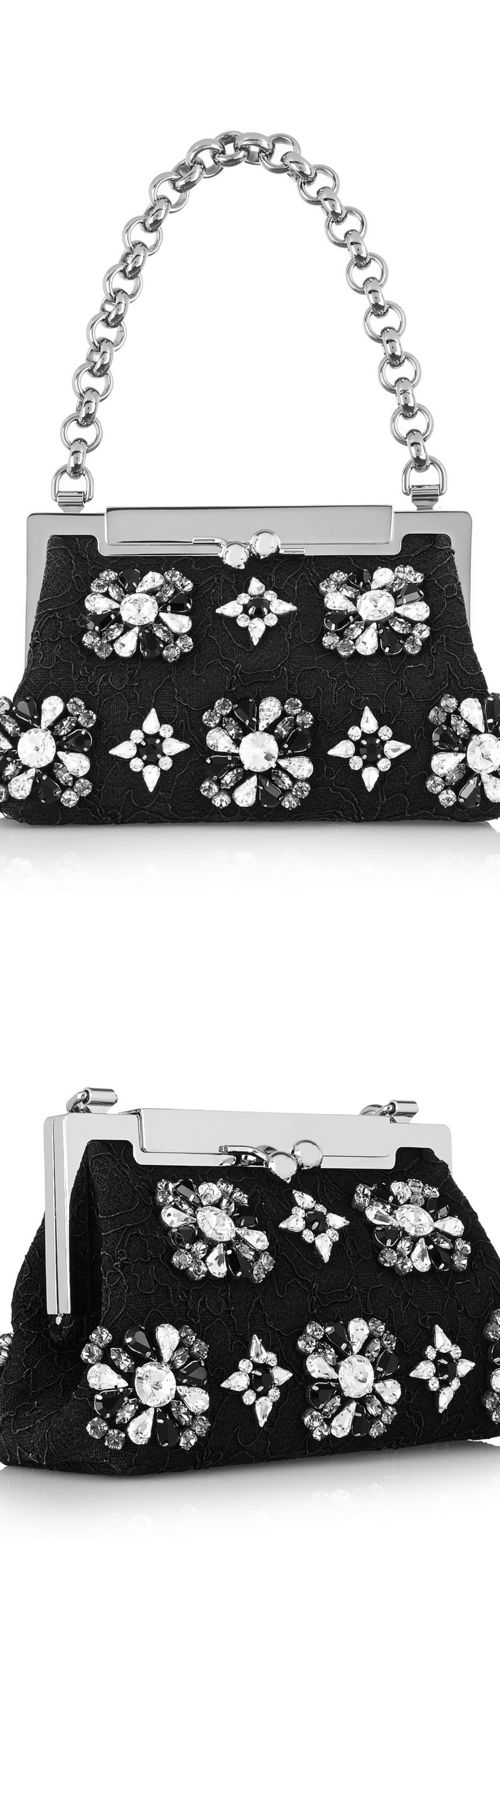 ♔ Dolce & Gabbana bag